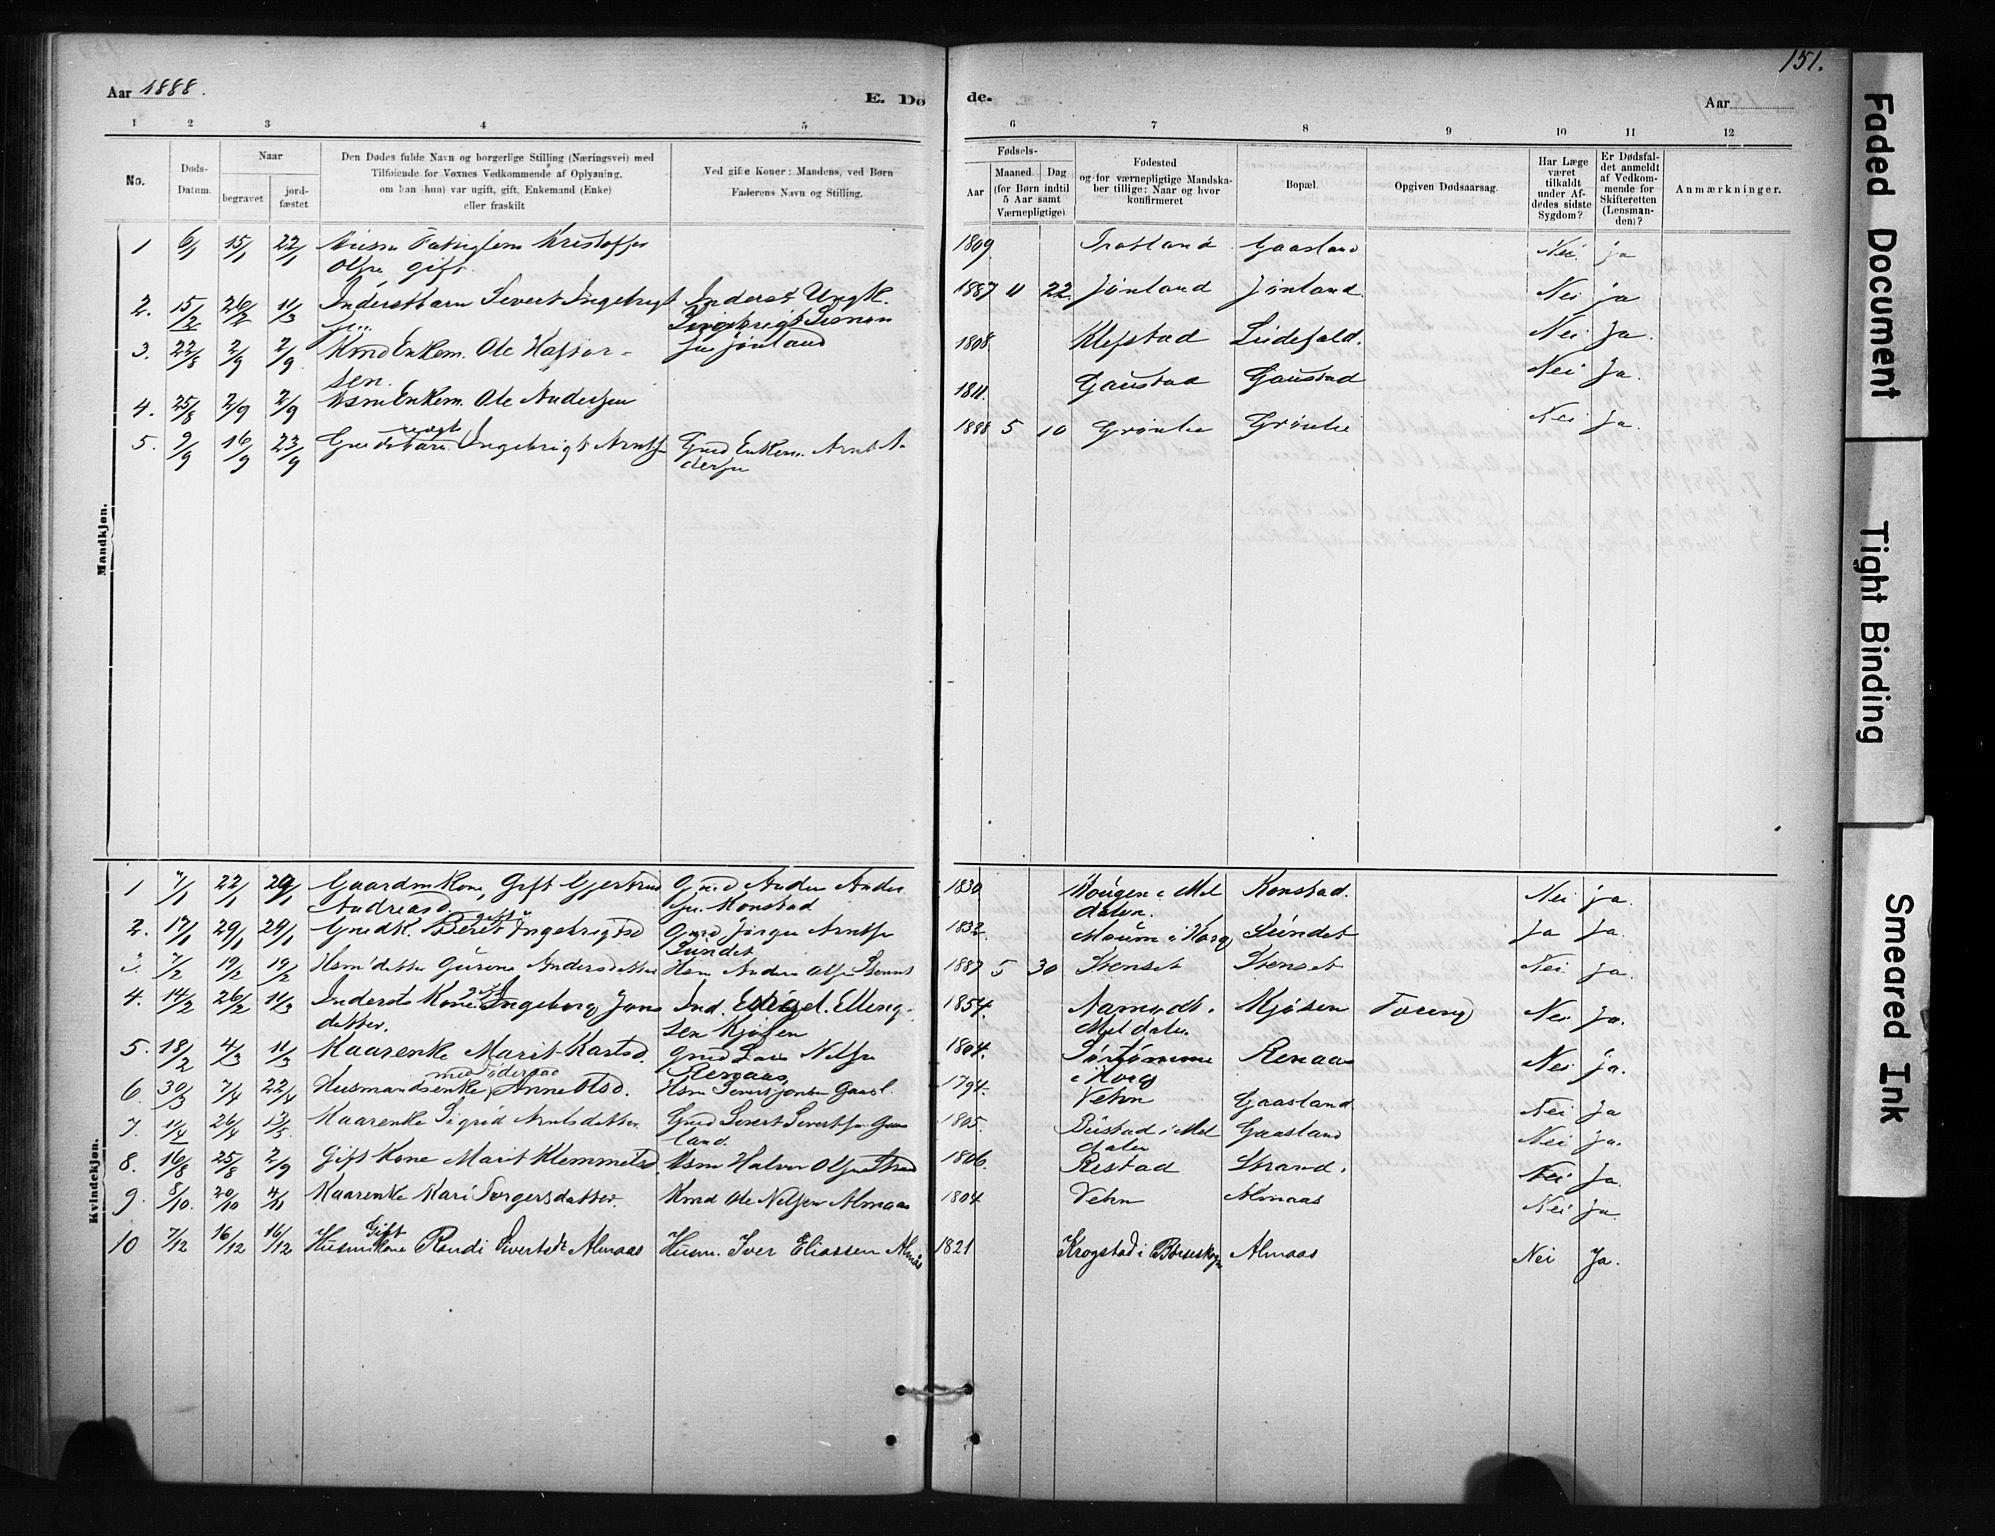 SAT, Ministerialprotokoller, klokkerbøker og fødselsregistre - Sør-Trøndelag, 694/L1127: Ministerialbok nr. 694A01, 1887-1905, s. 151